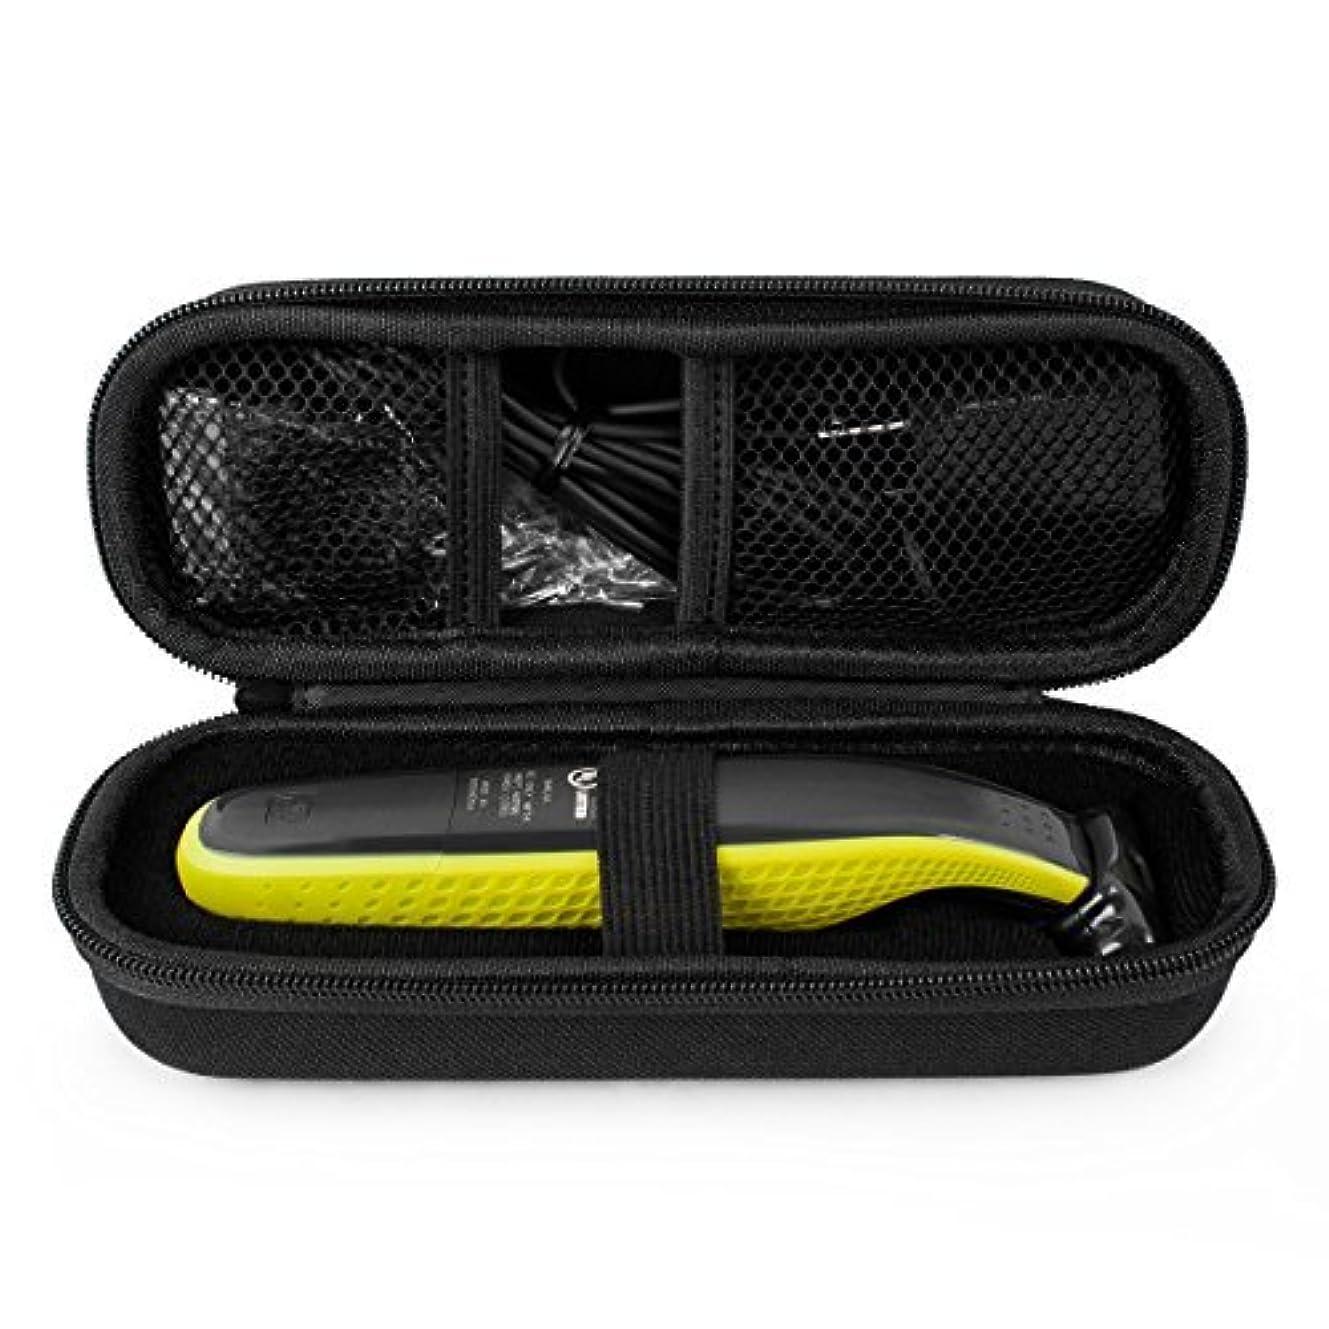 大きさ鮫通信網Norelco OneBladeハイブリッド電気トリマーシェーバー用QSHAVEハードトラベルケース、QP2520 QP2570旅行用収納オーガナイザーケースバッグ